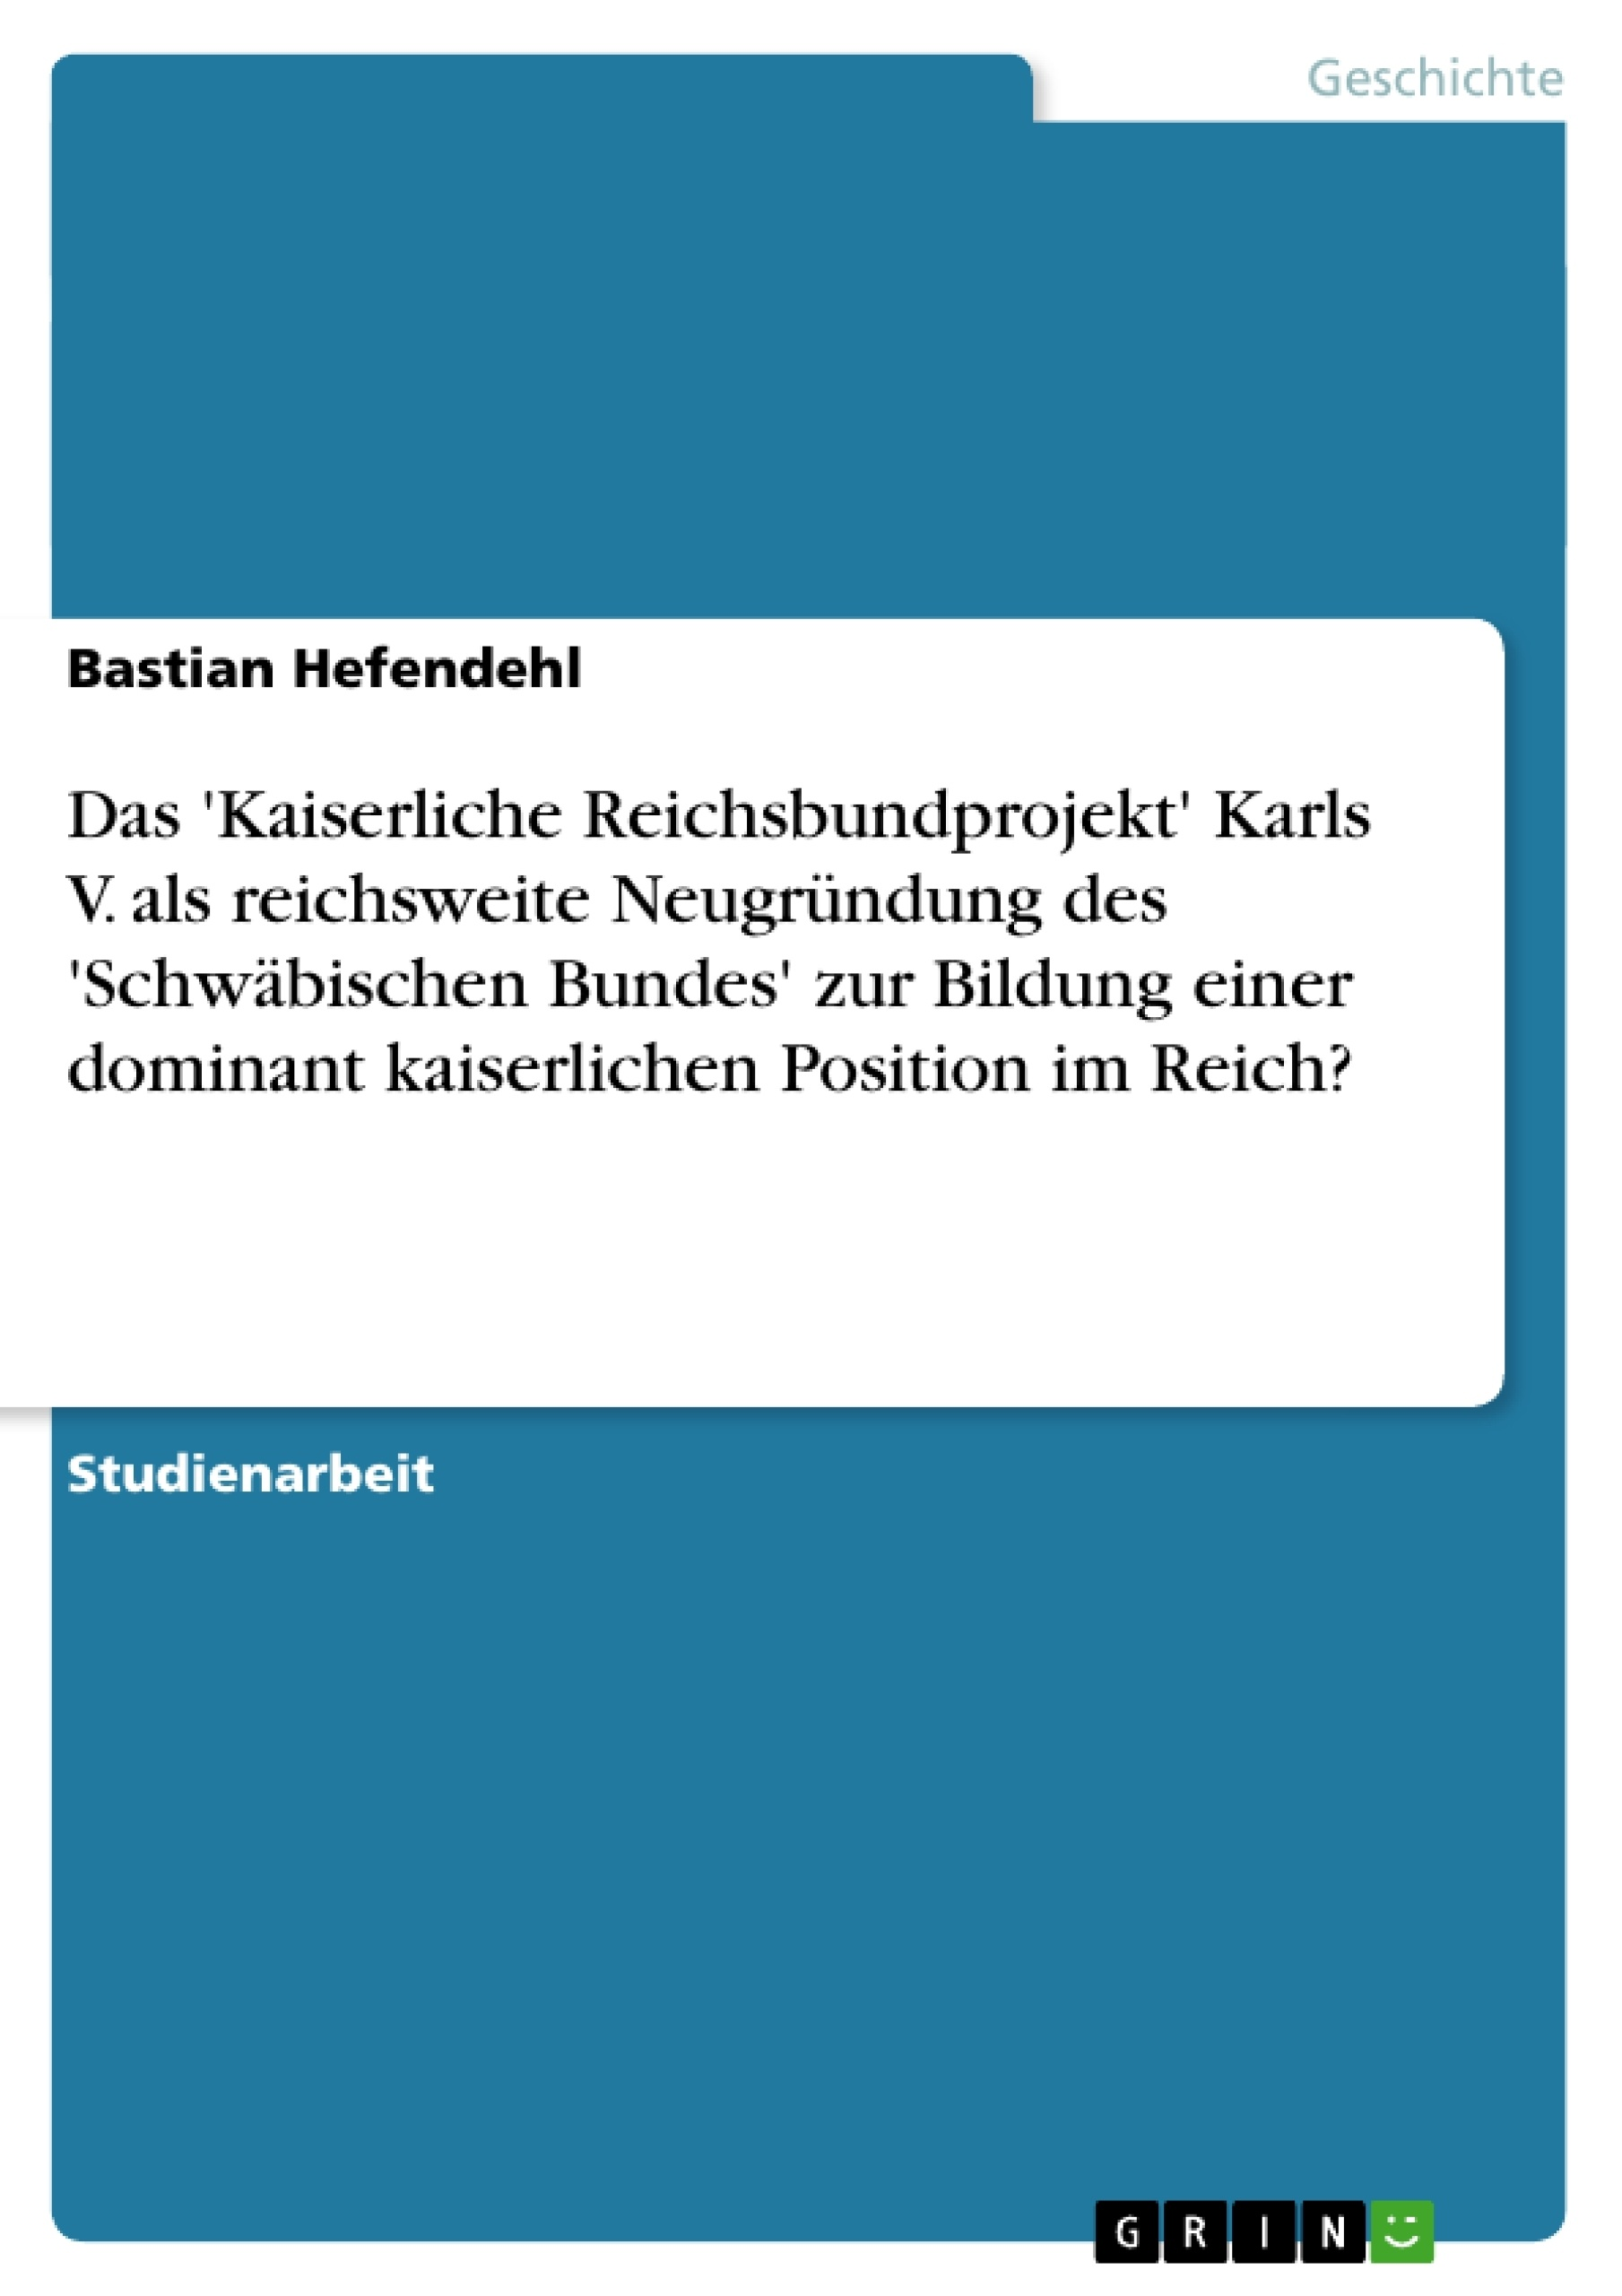 Titel: Das 'Kaiserliche Reichsbundprojekt' Karls V. als reichsweite Neugründung des 'Schwäbischen Bundes' zur Bildung einer dominant kaiserlichen Position im Reich?